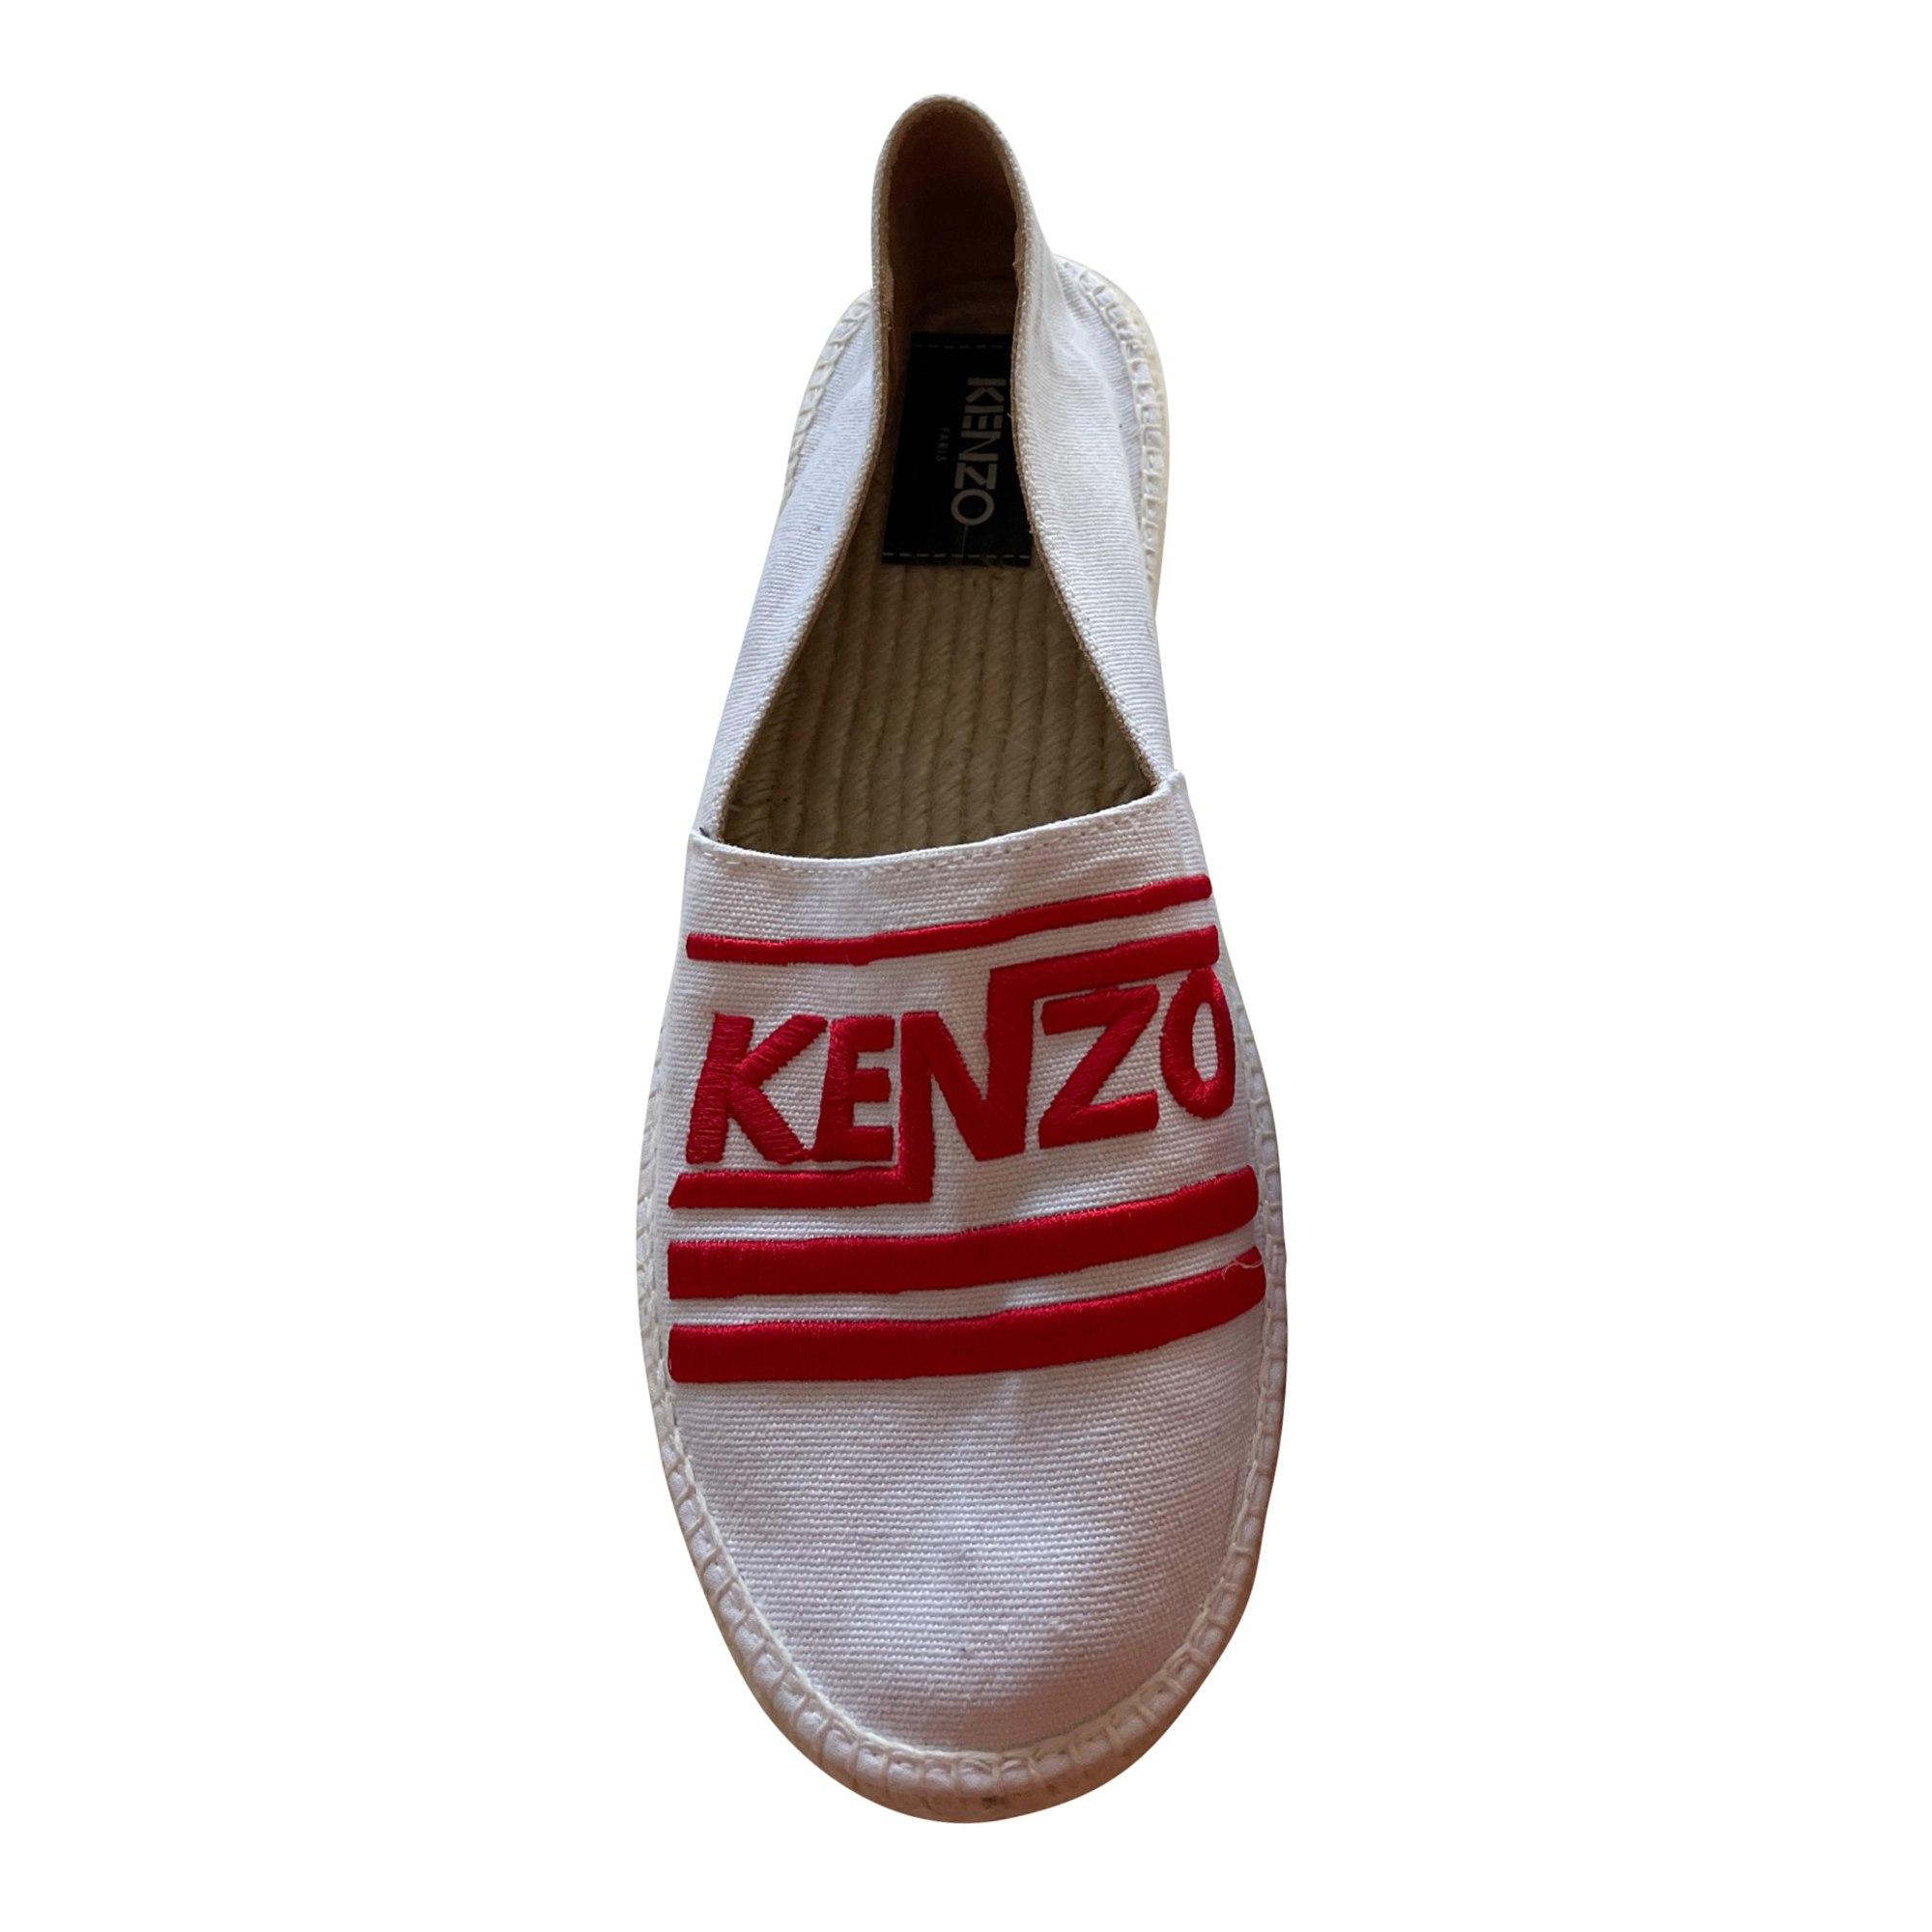 Sandals KENZO White, off-white, ecru